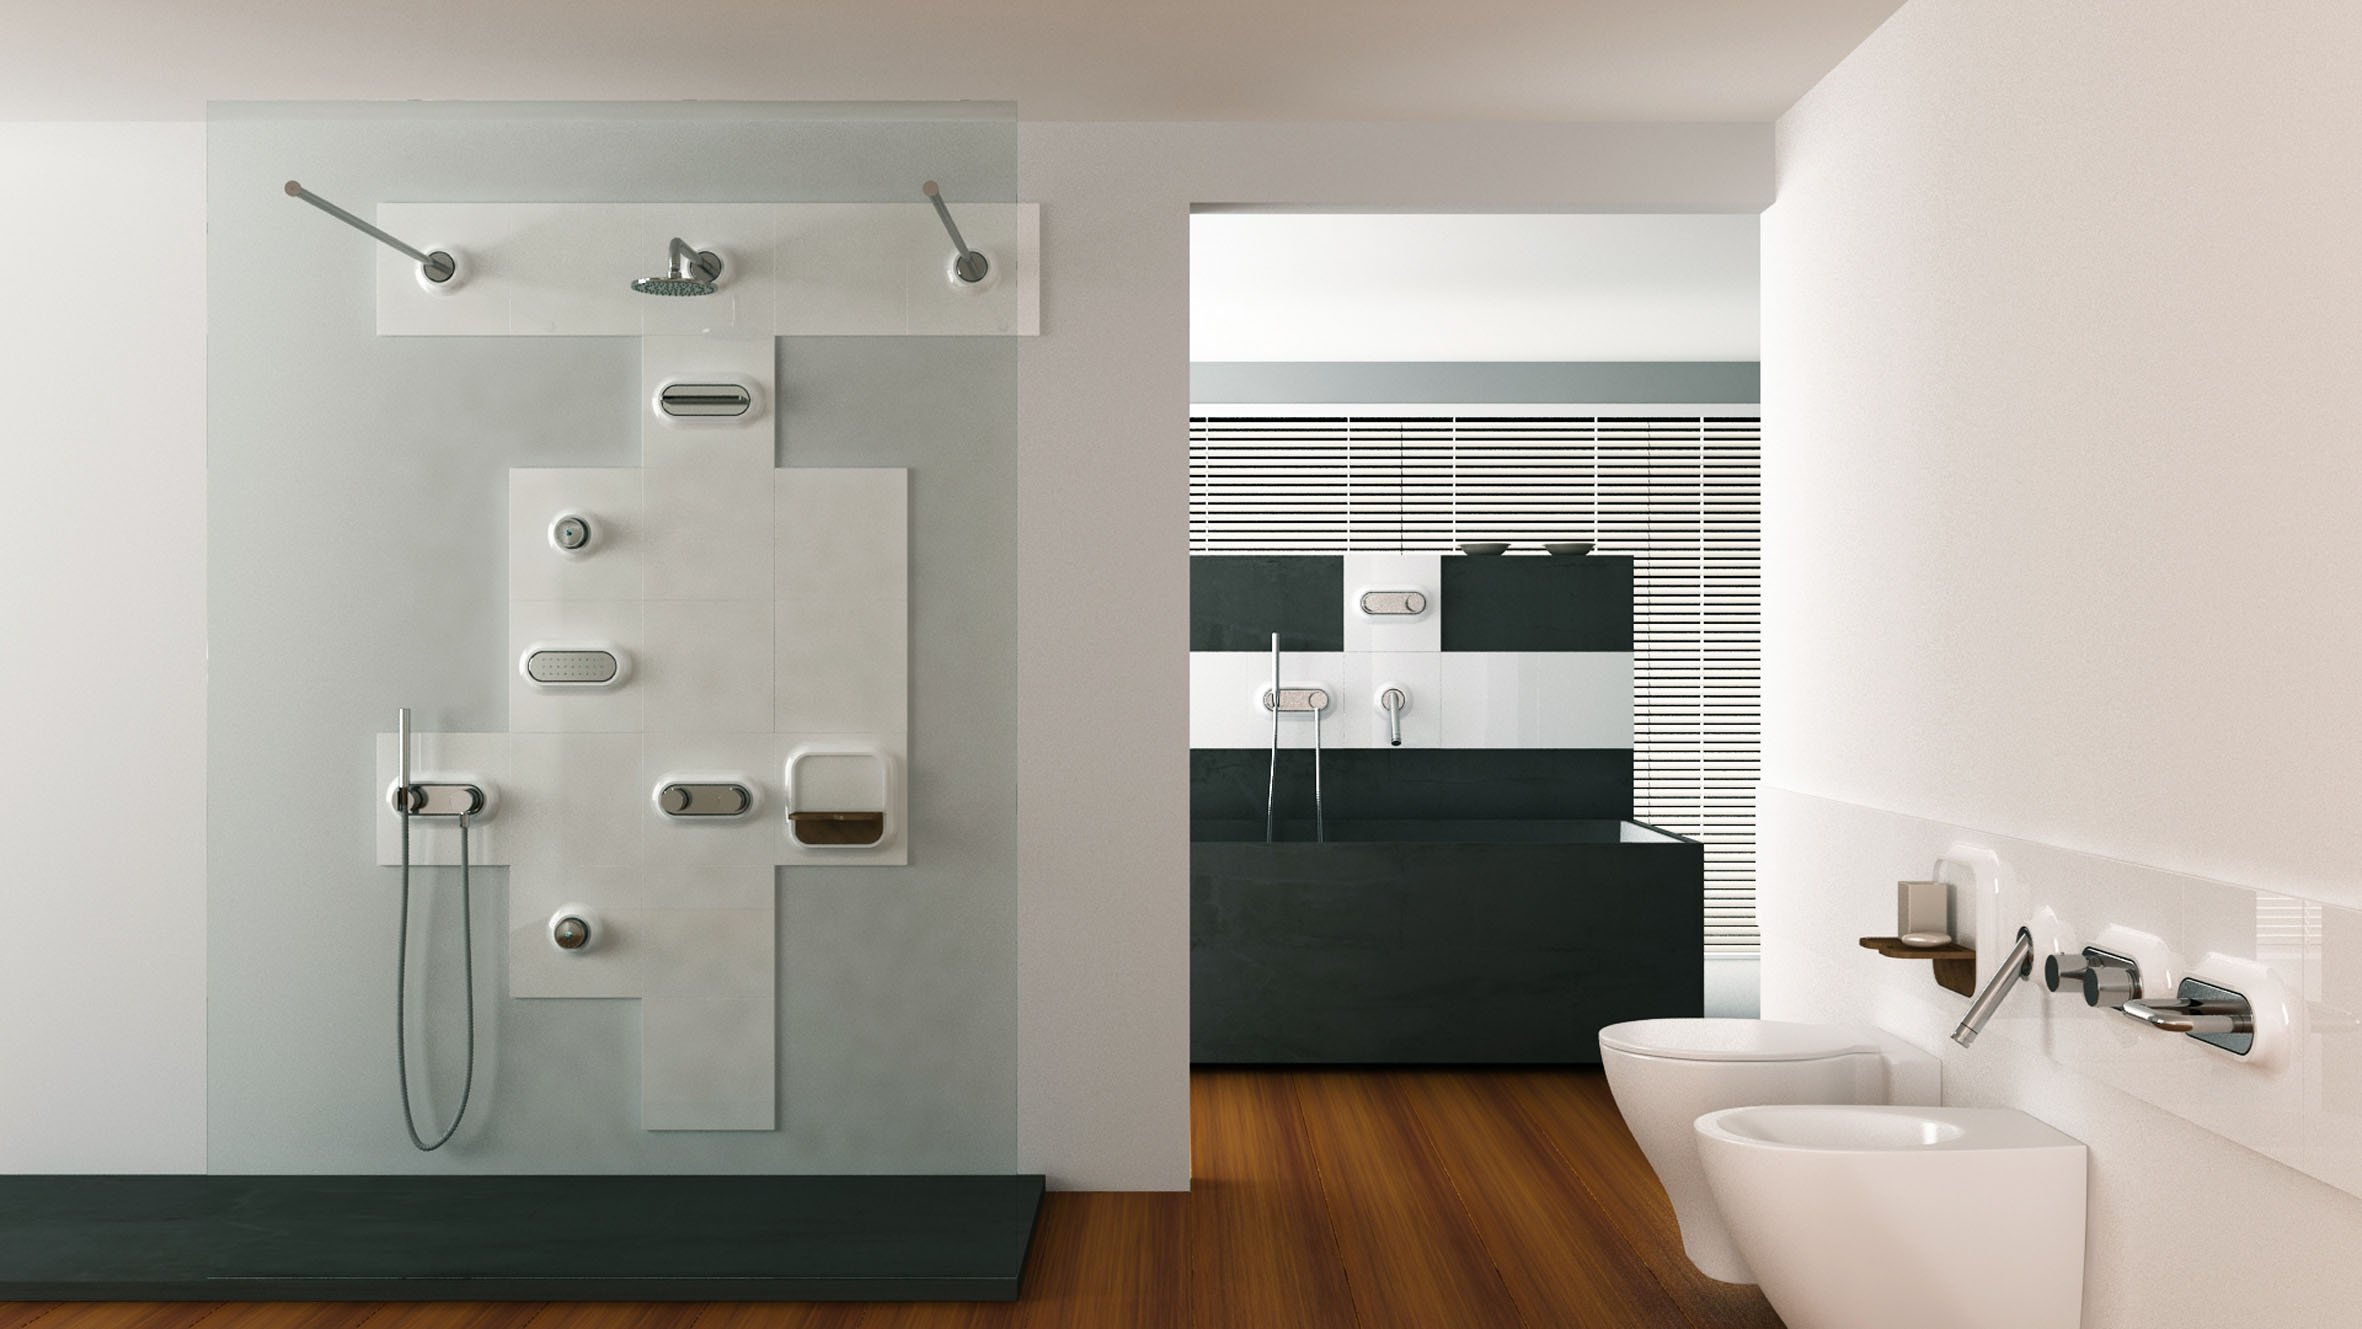 Specchio incassato nel muro bagno mq idee per far sembrare più